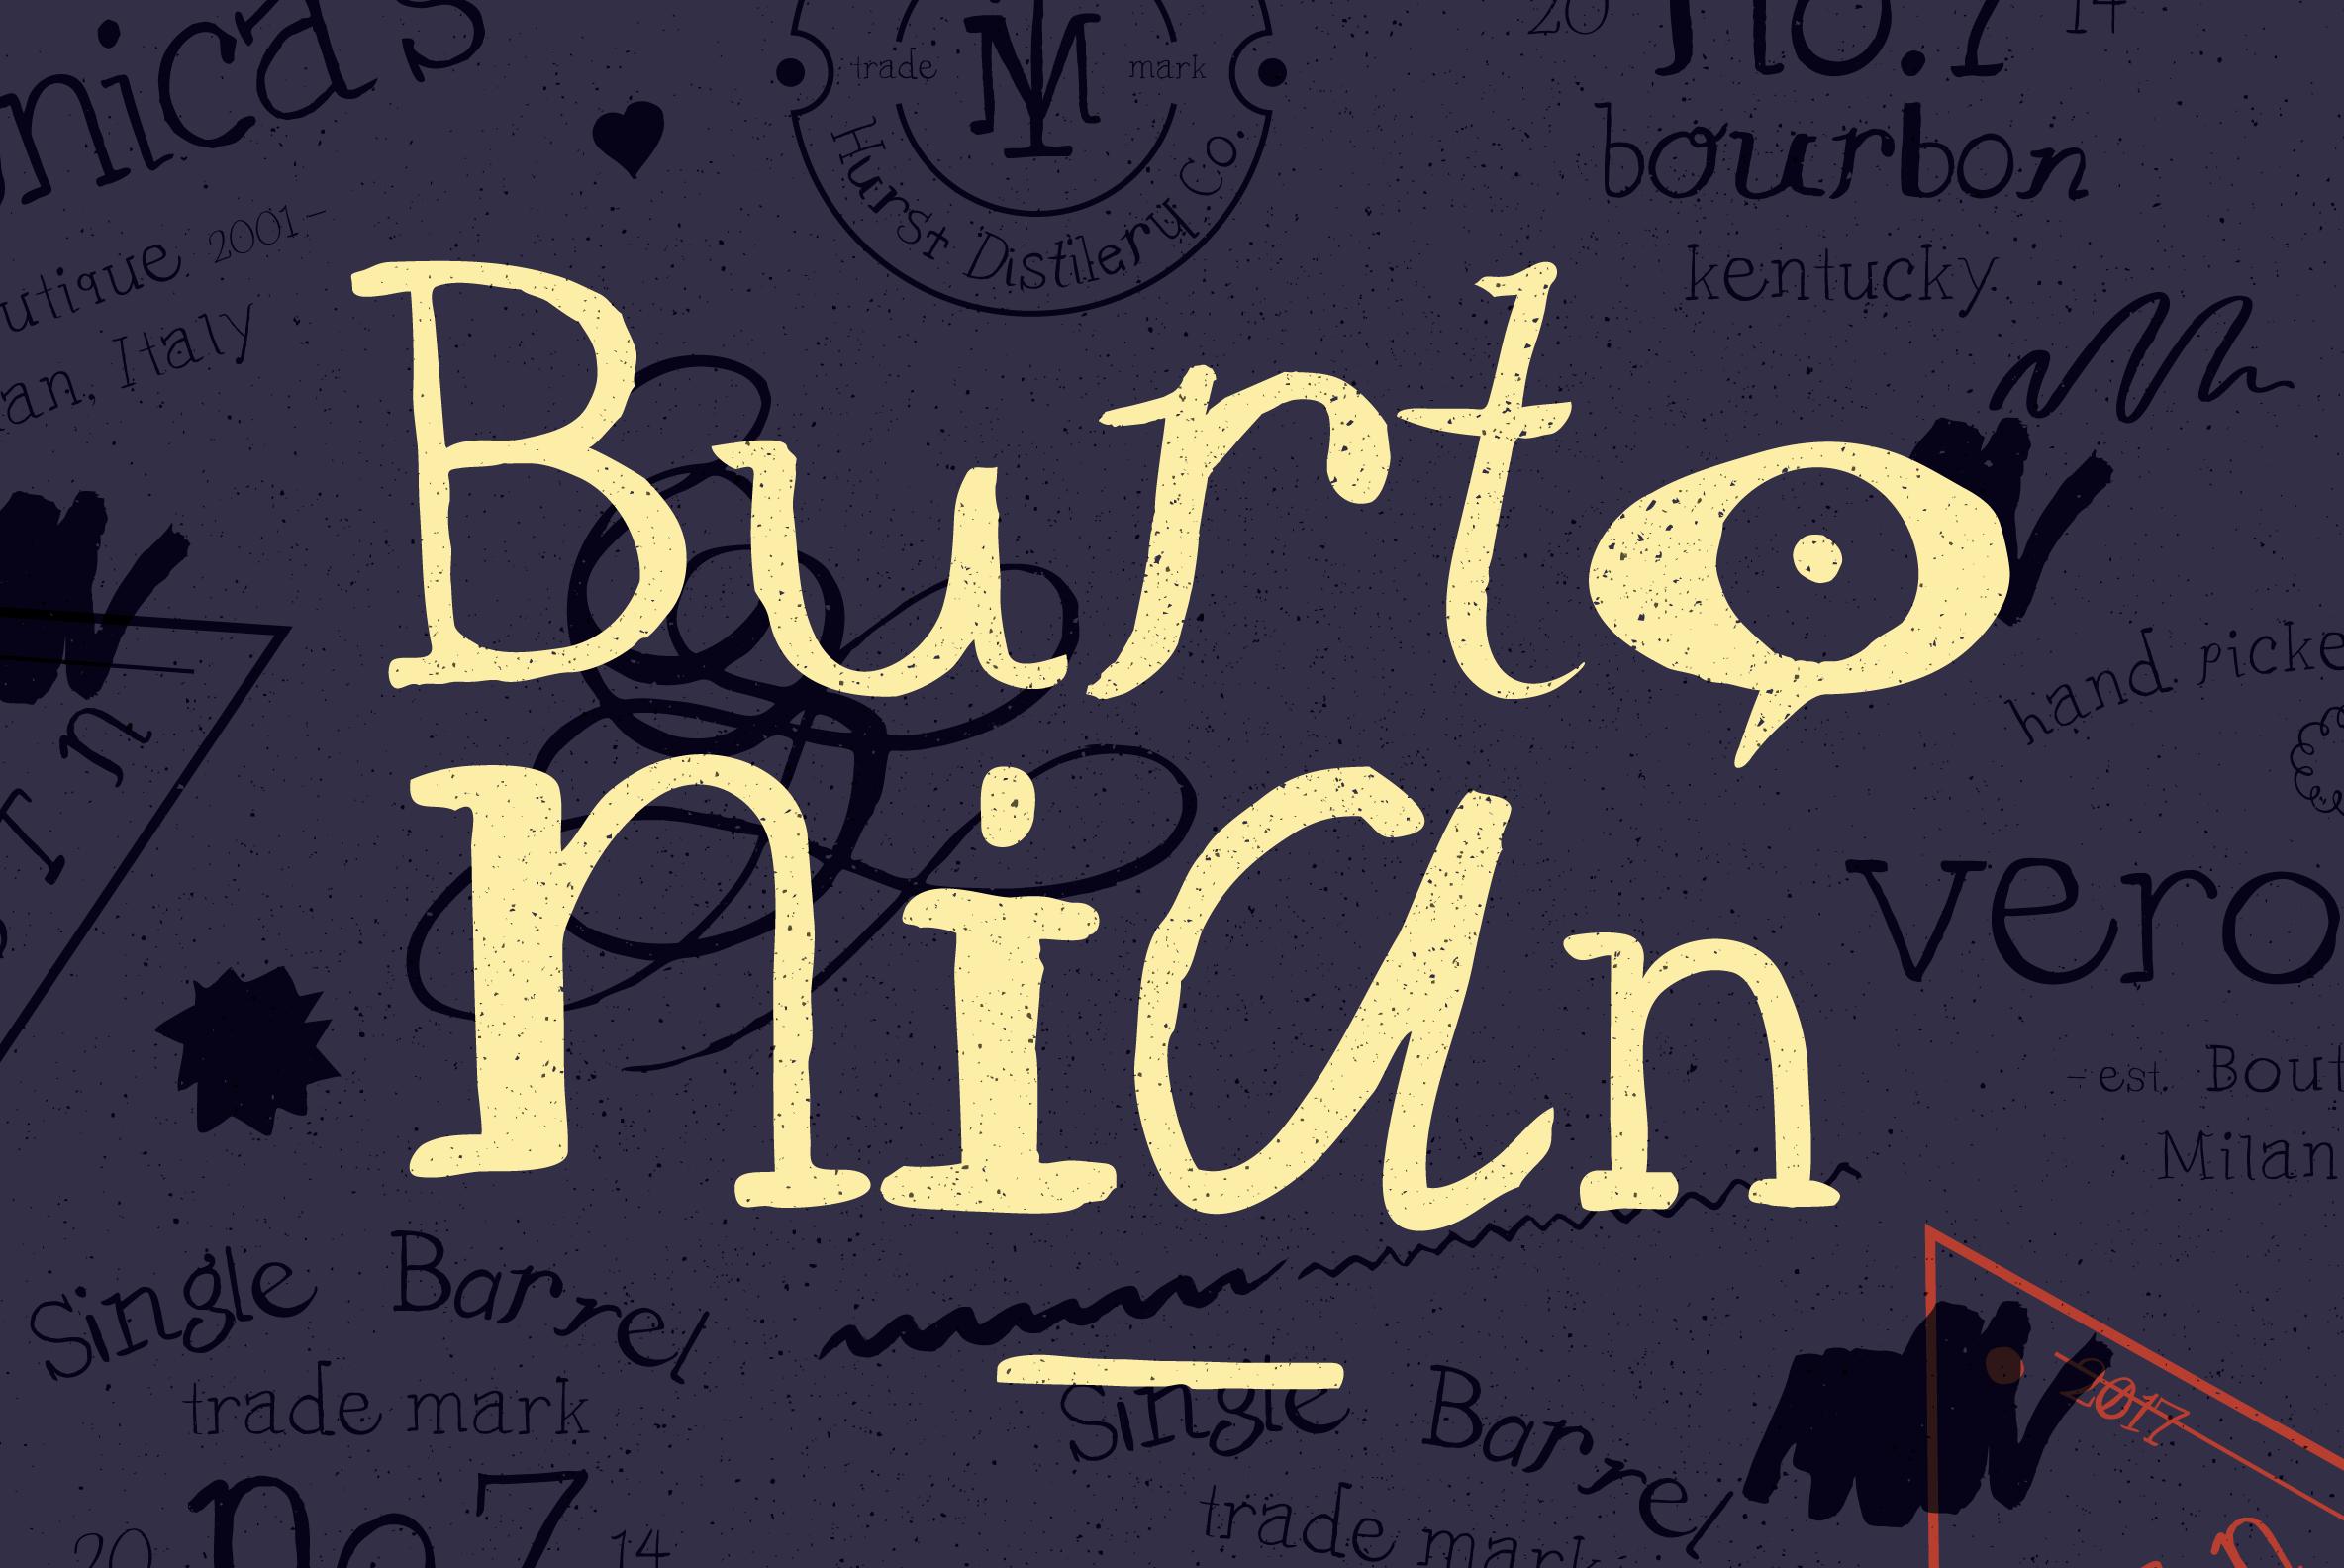 YWFT Burtonian Regular